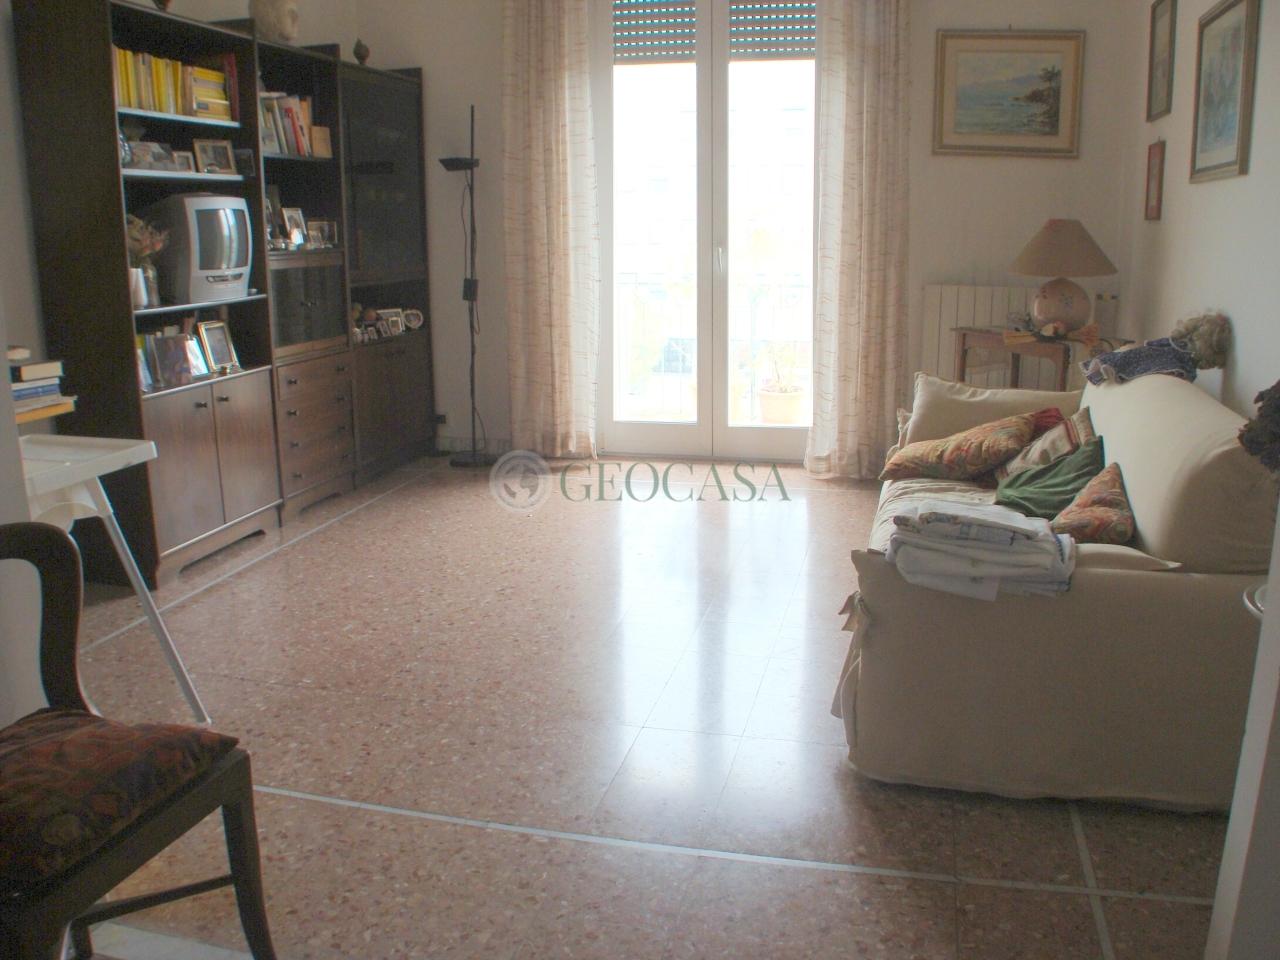 Appartamento, semicentro, Vendita - La Spezia